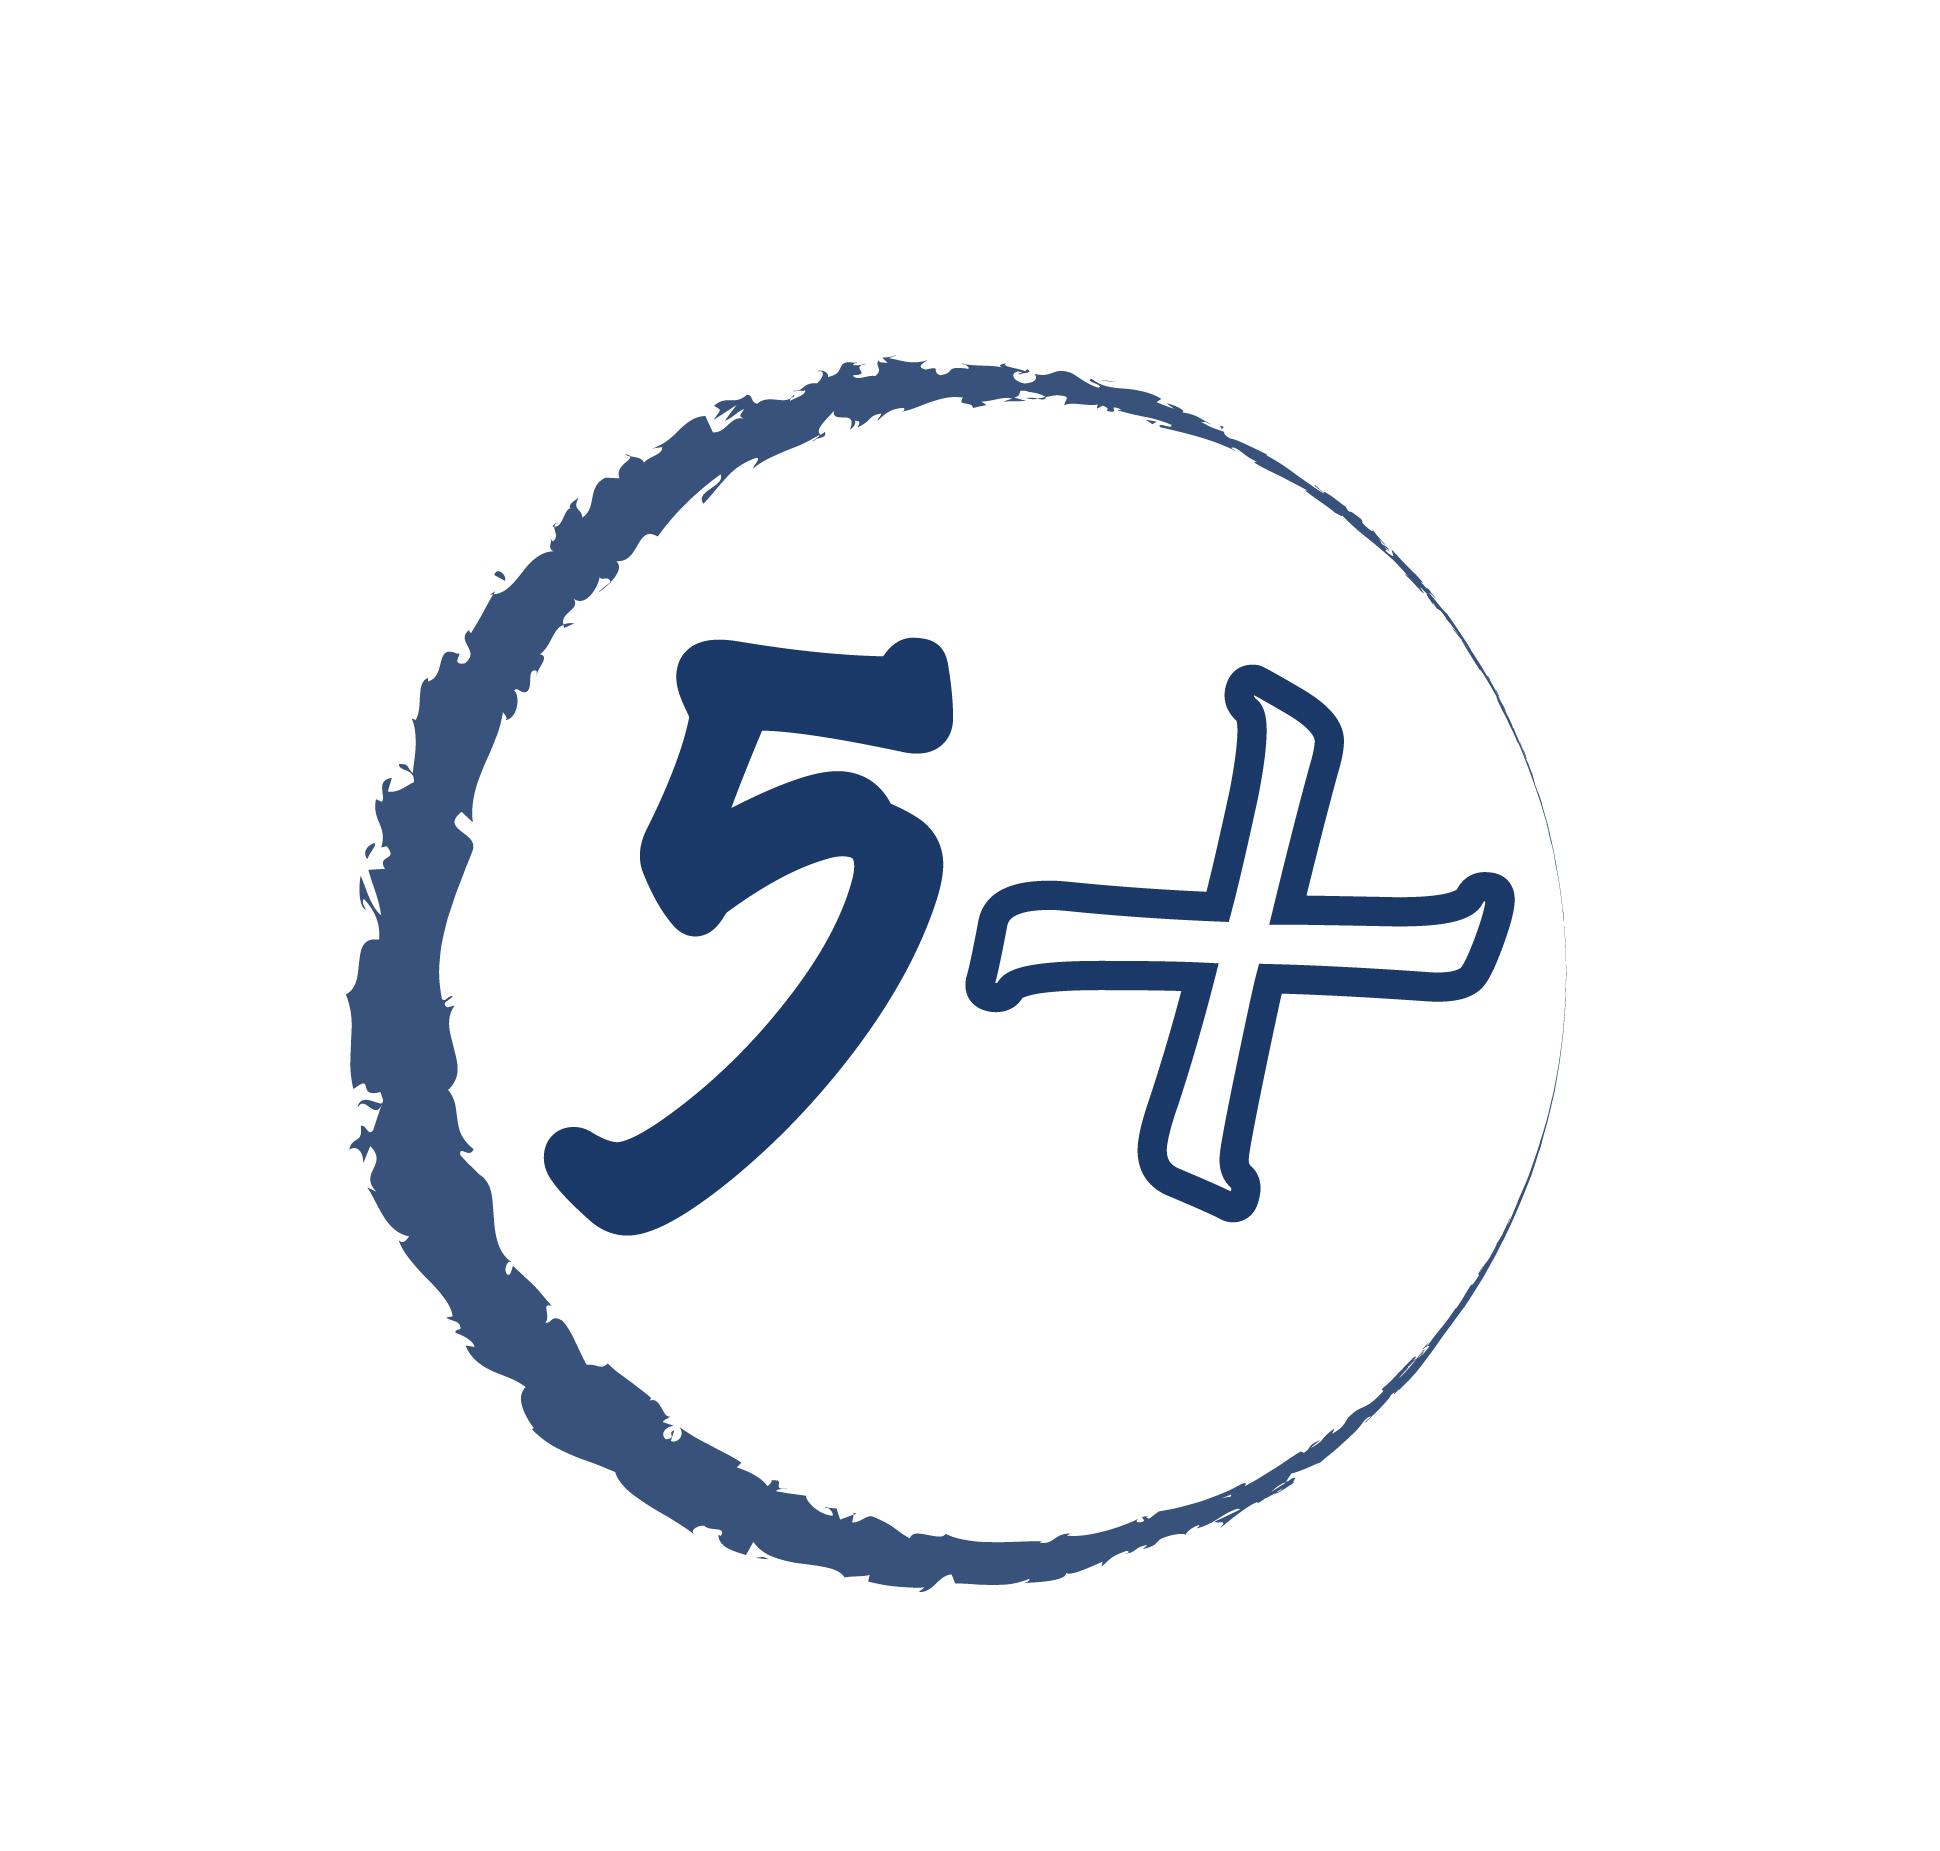 Готовый логотип или эскиз (мед. тематика) фото f_56055ab3d8d9c599.jpg